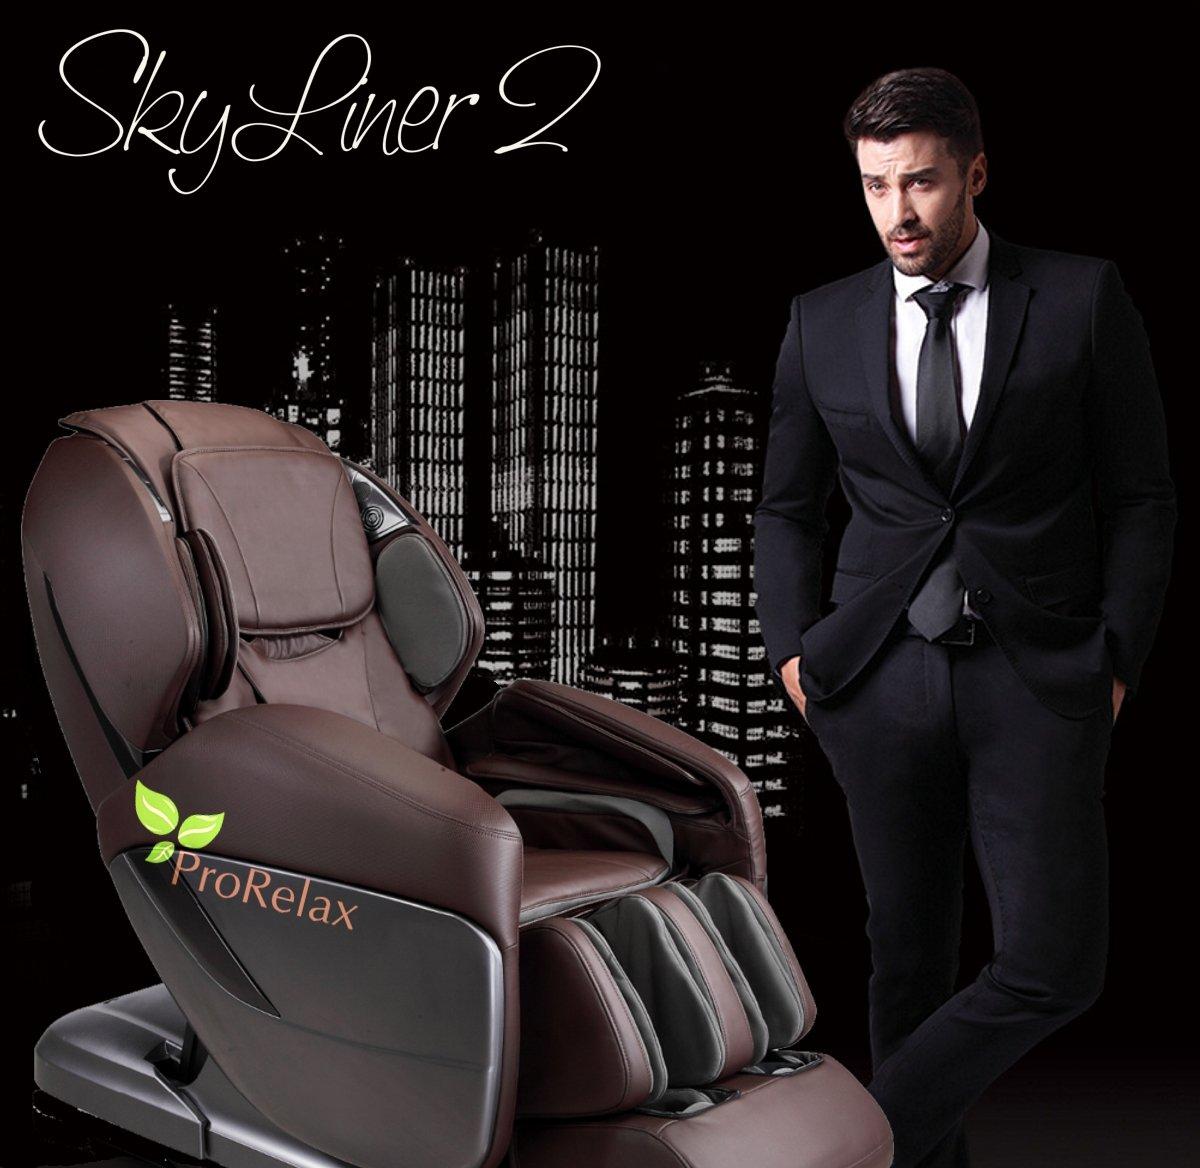 массажное кресло skyliner 2 в интерьере